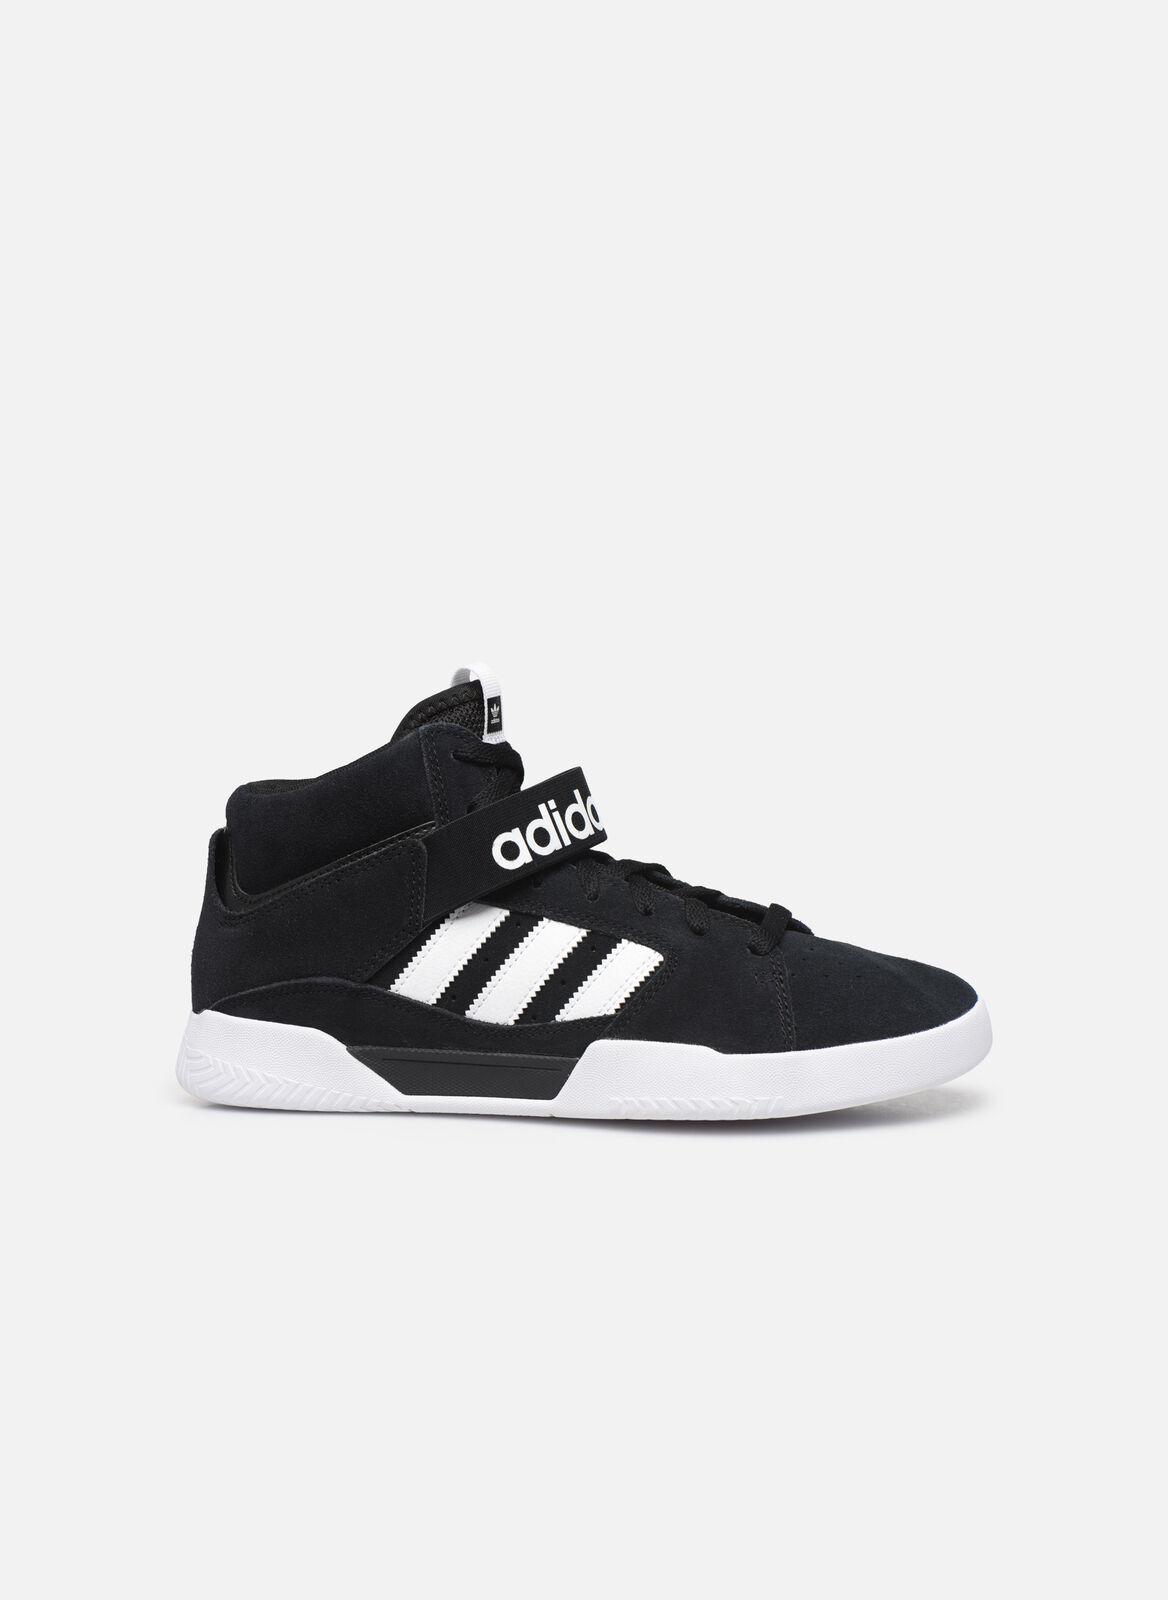 Herren Adidas Originals Vrx Mid Turnschuhe Schwarz